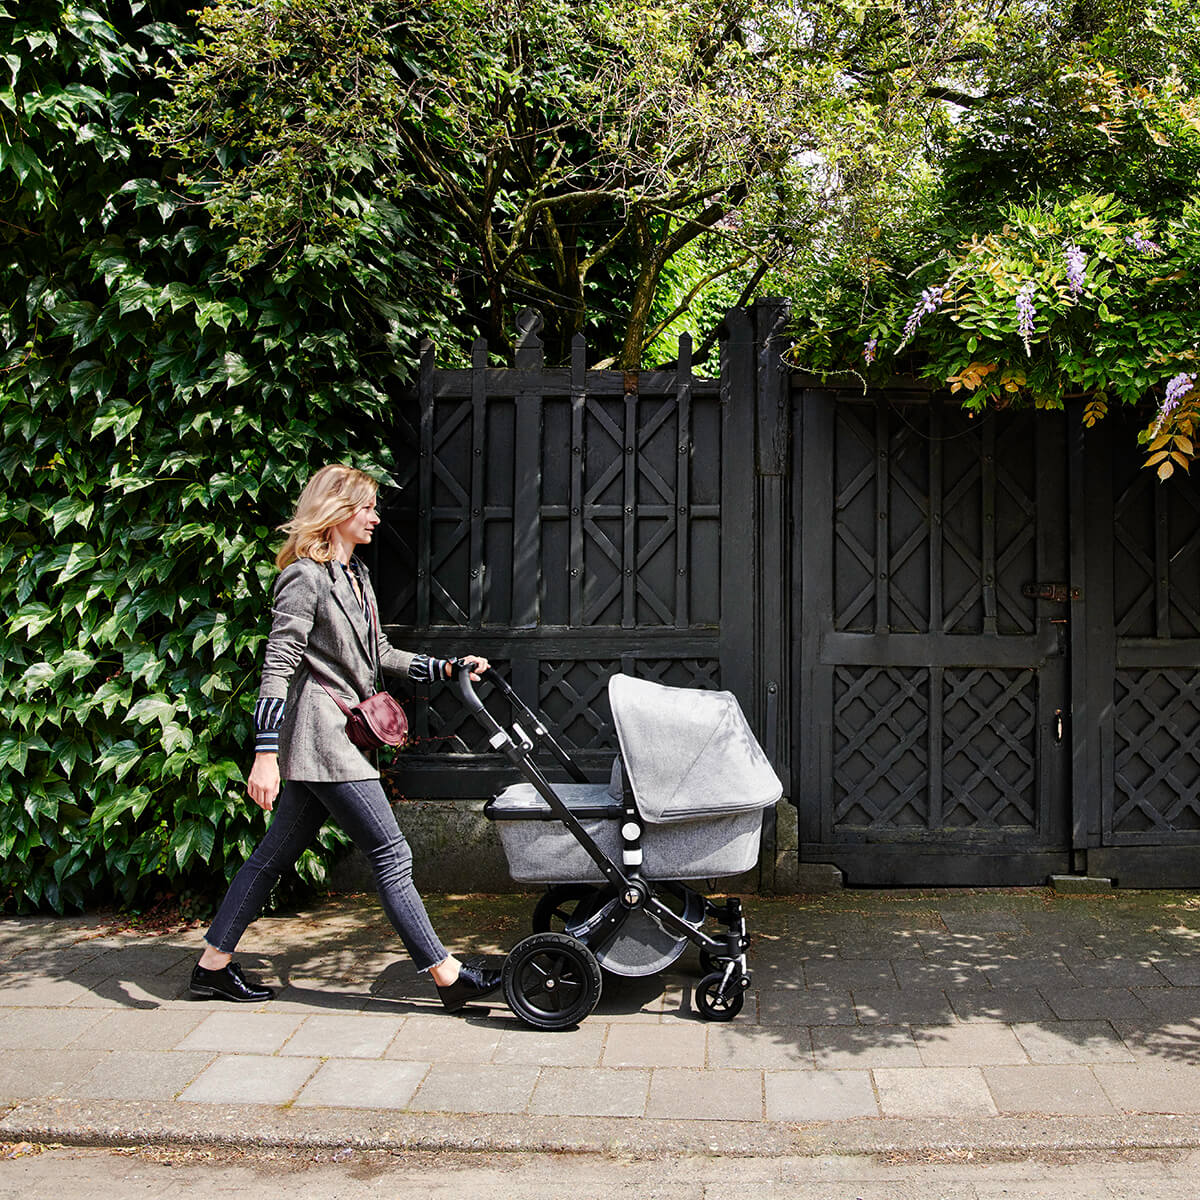 Woman pushing stroller on sidewalk on sunny day